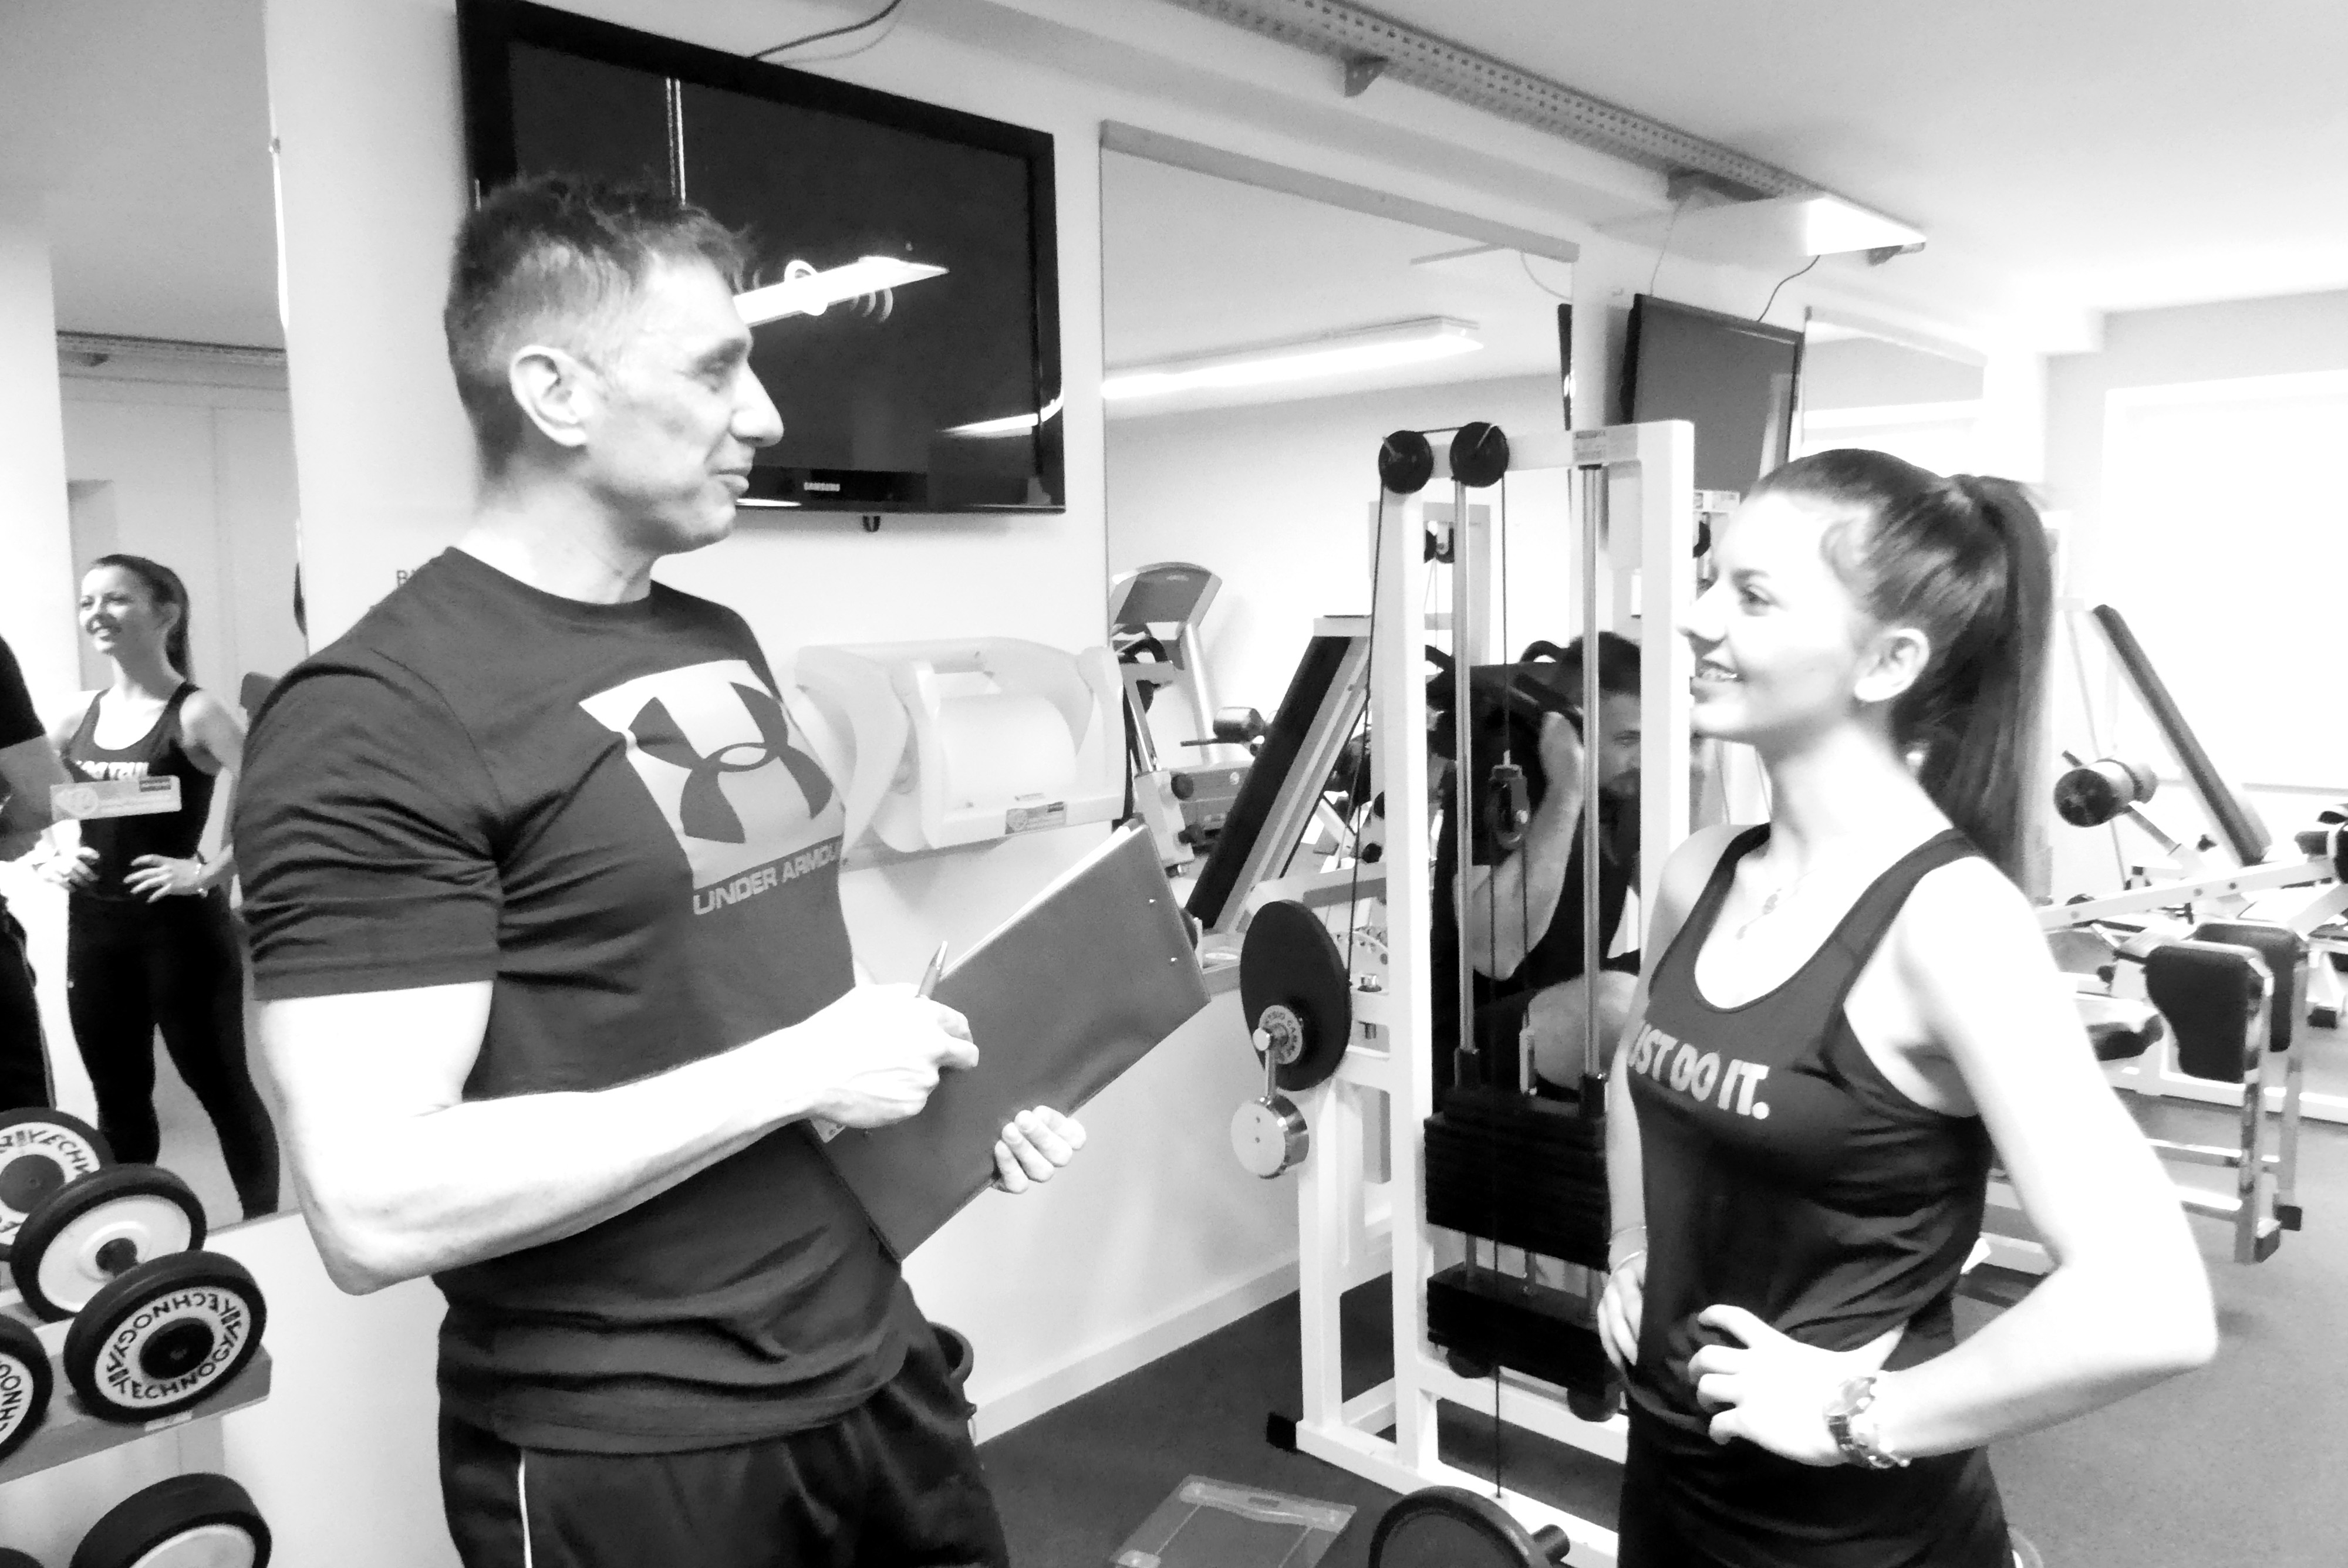 Fitnessgeräte kennenlernen